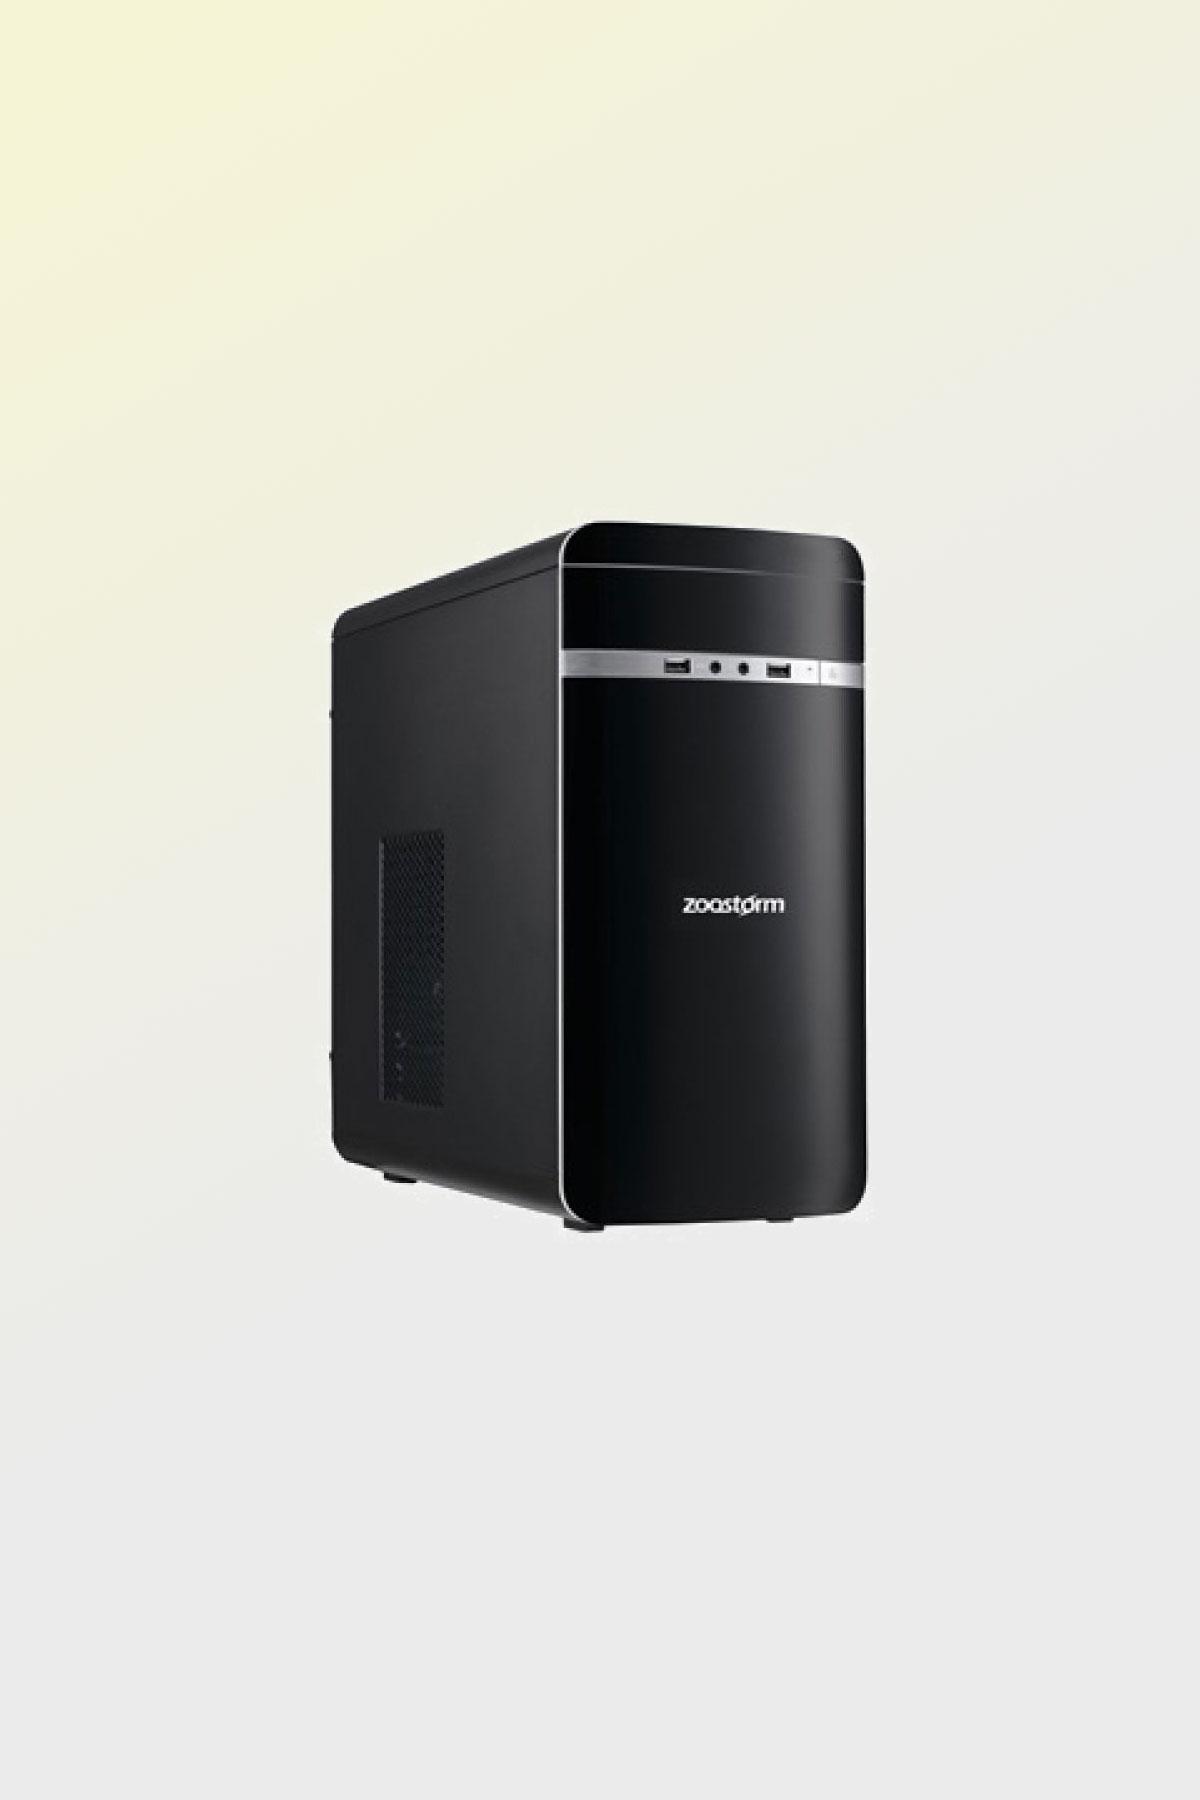 Zoostorm AMD A8 Desktop PC